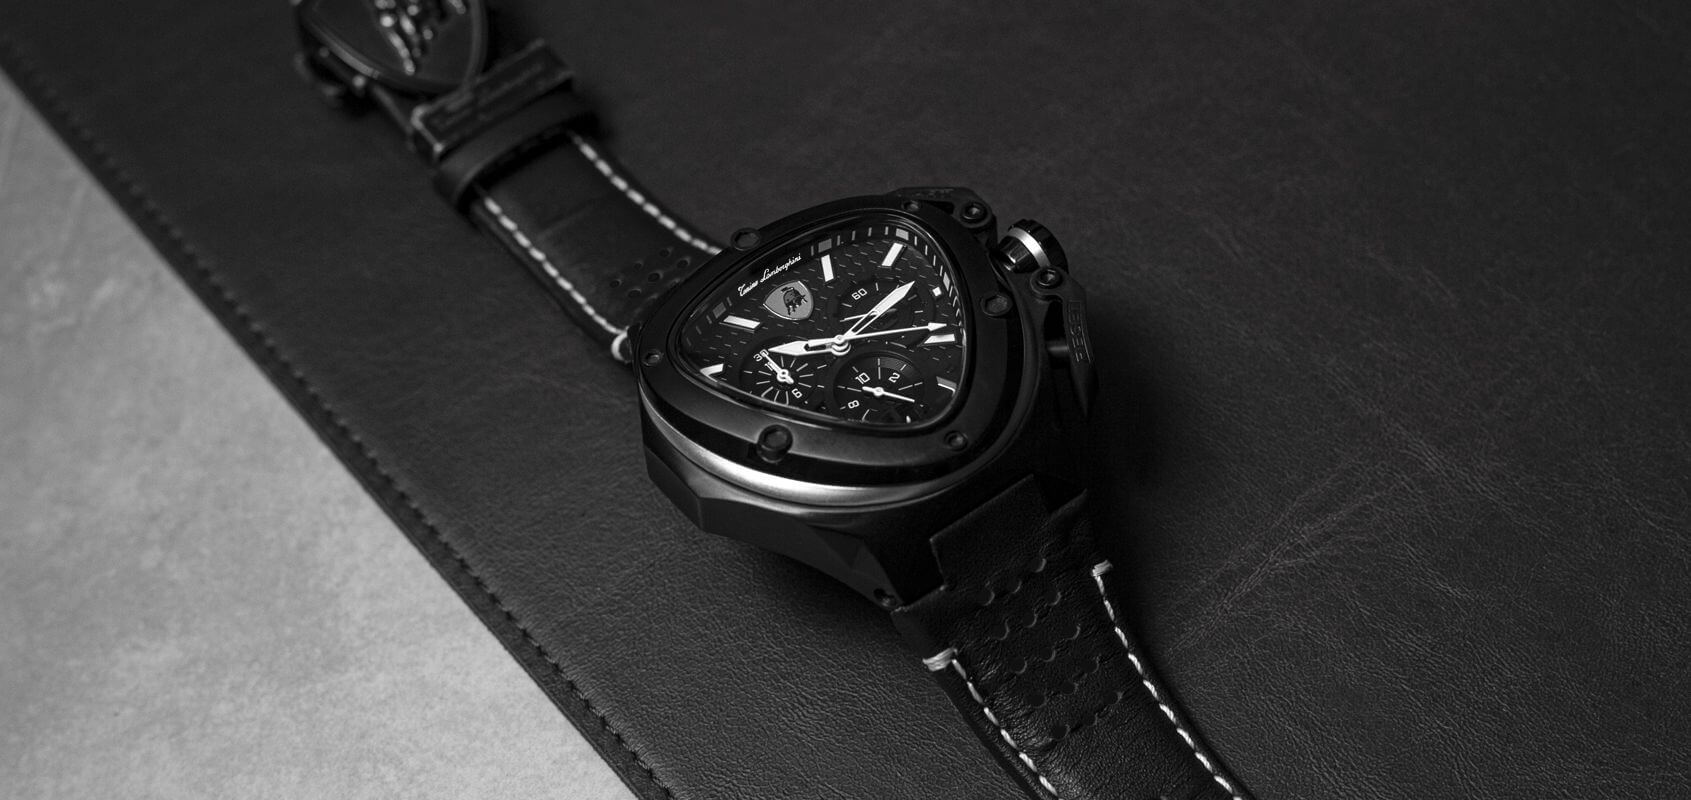 Uhren von Tonino Lamborghini – Nicht nur für Petrolheads